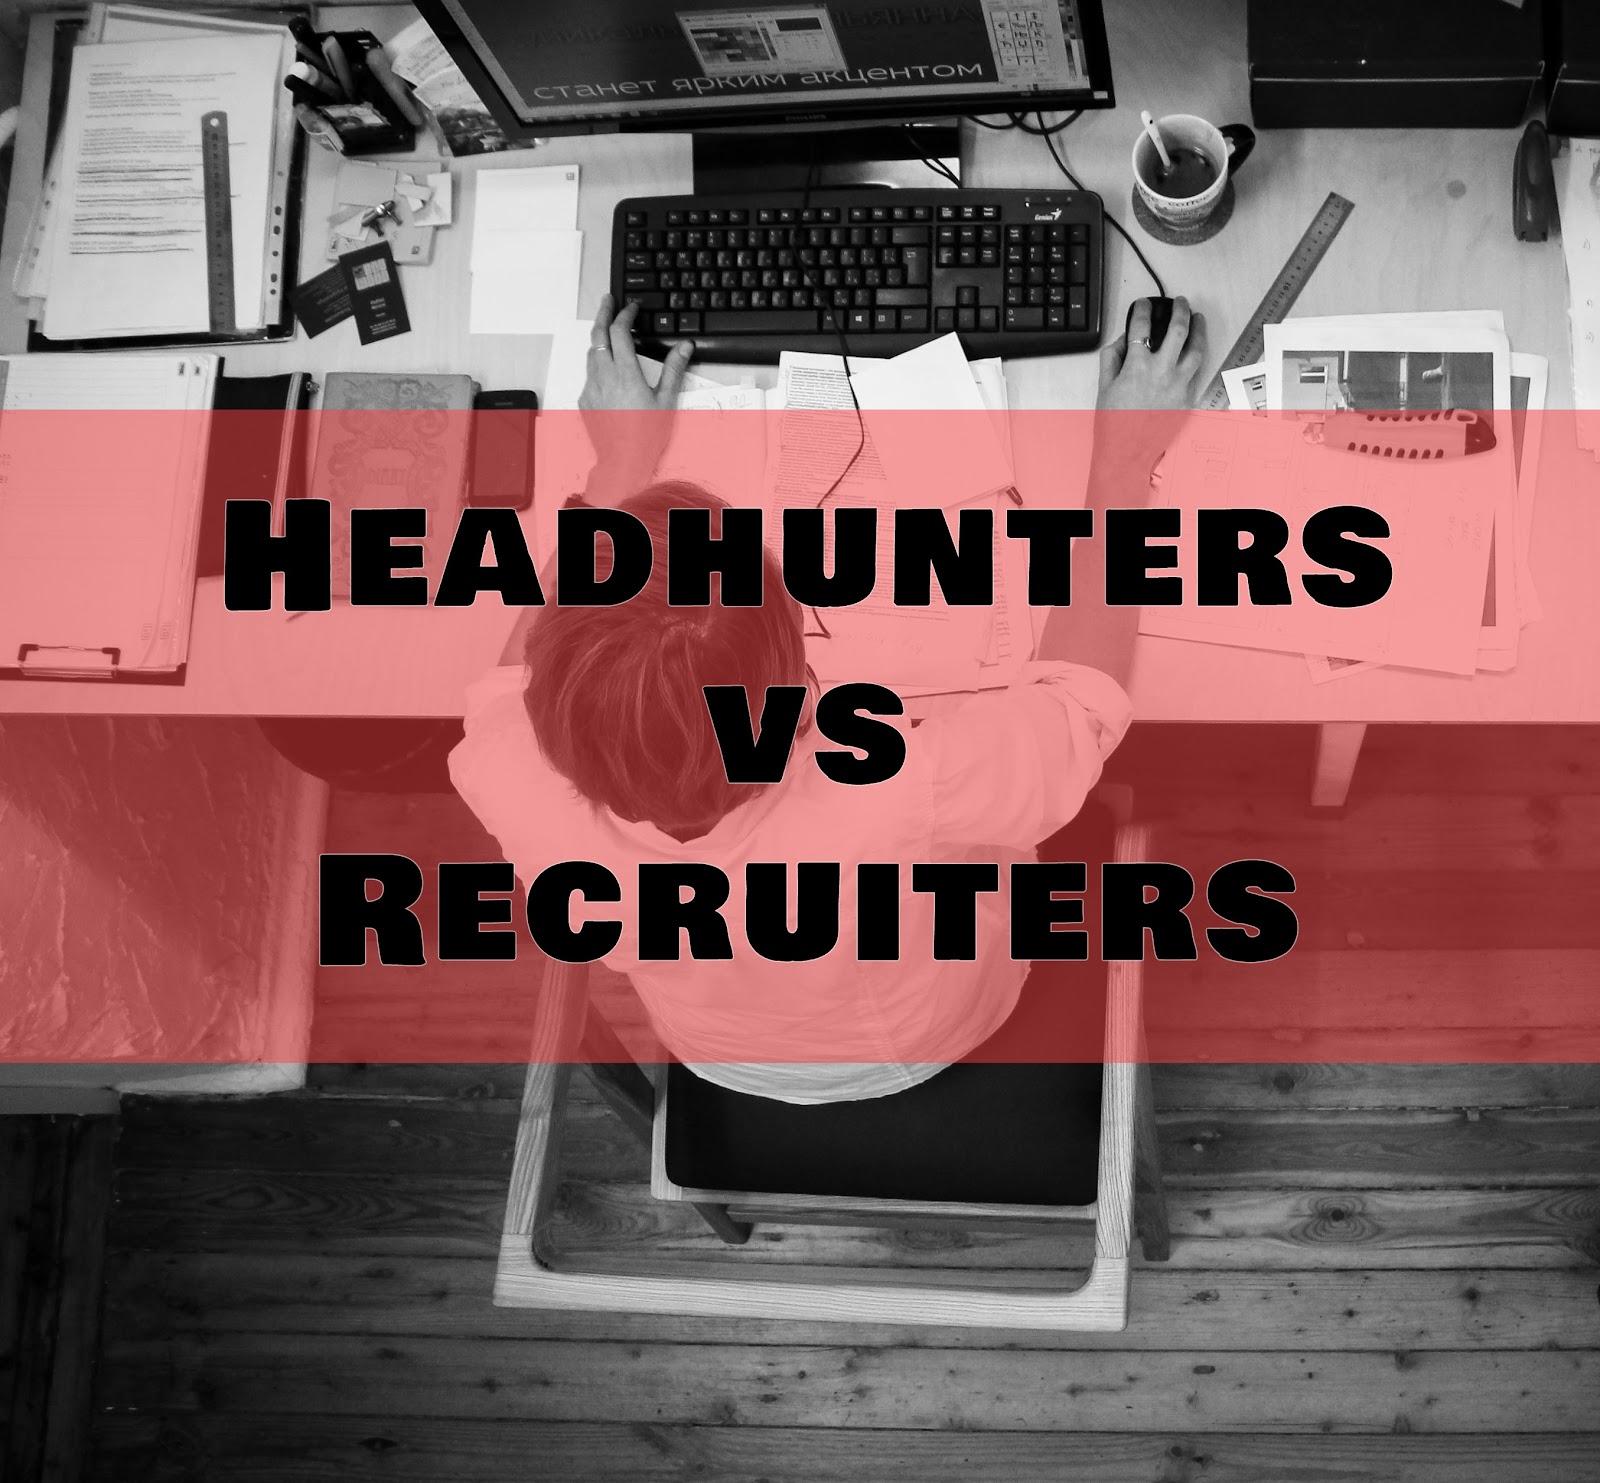 recruitersvsheadhunters.jpg